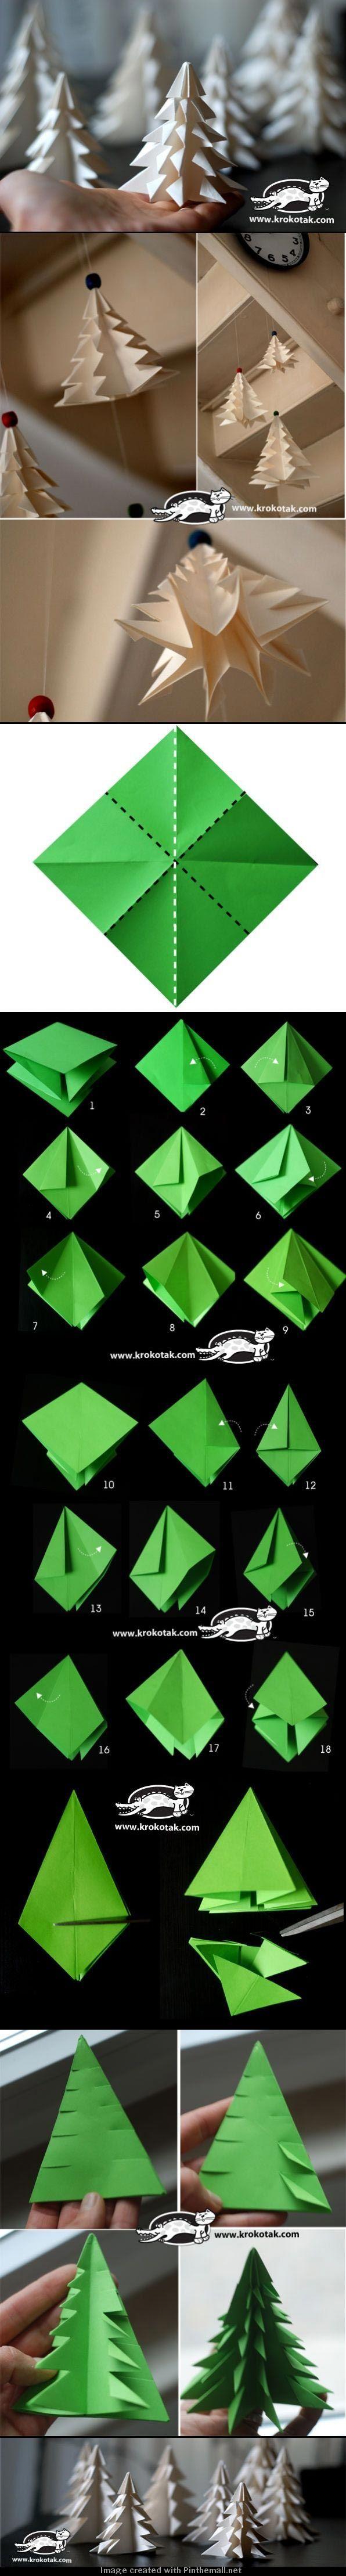 Origami Weihnachtsbaum